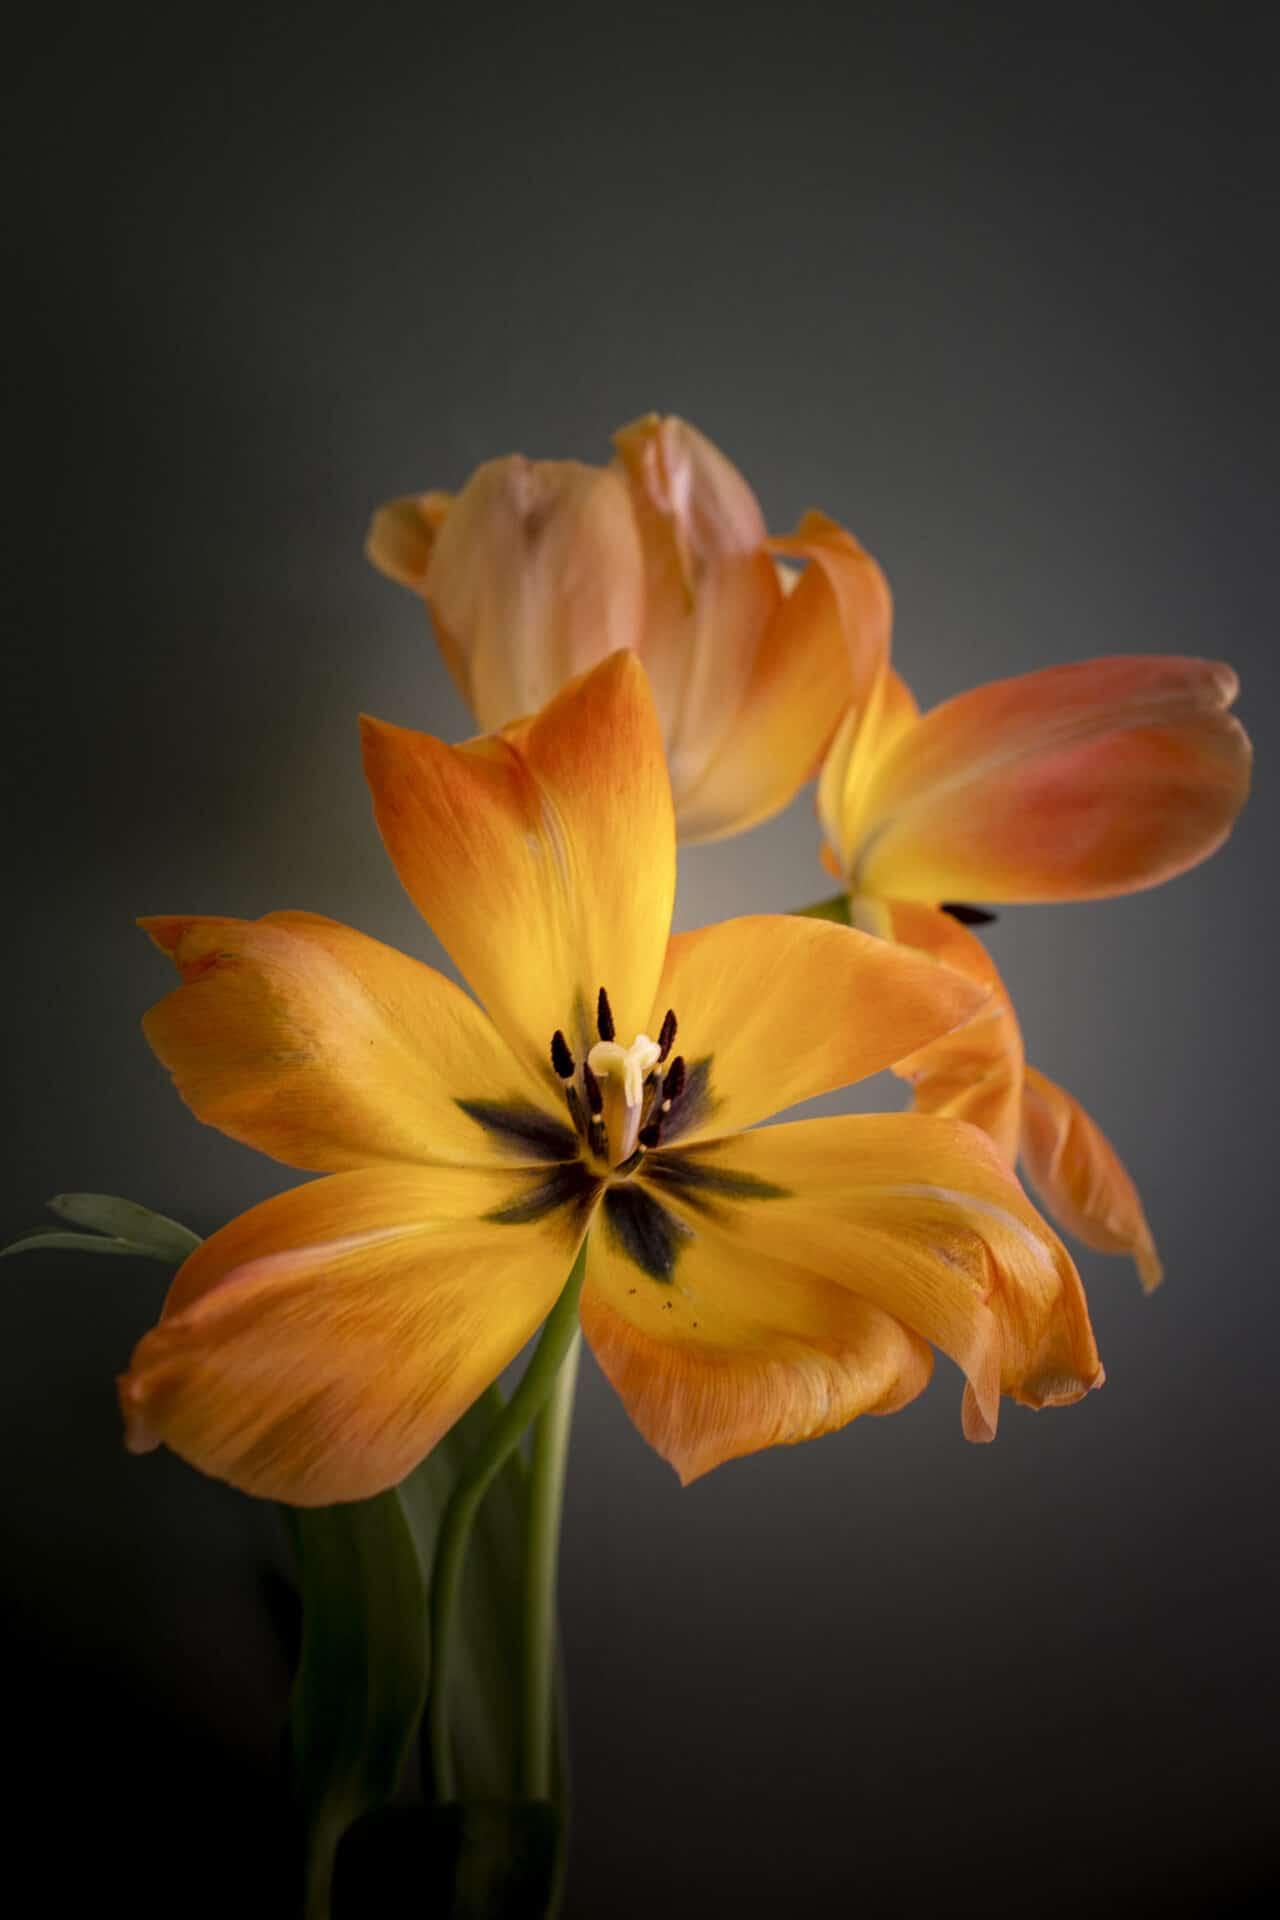 orange soft tulip